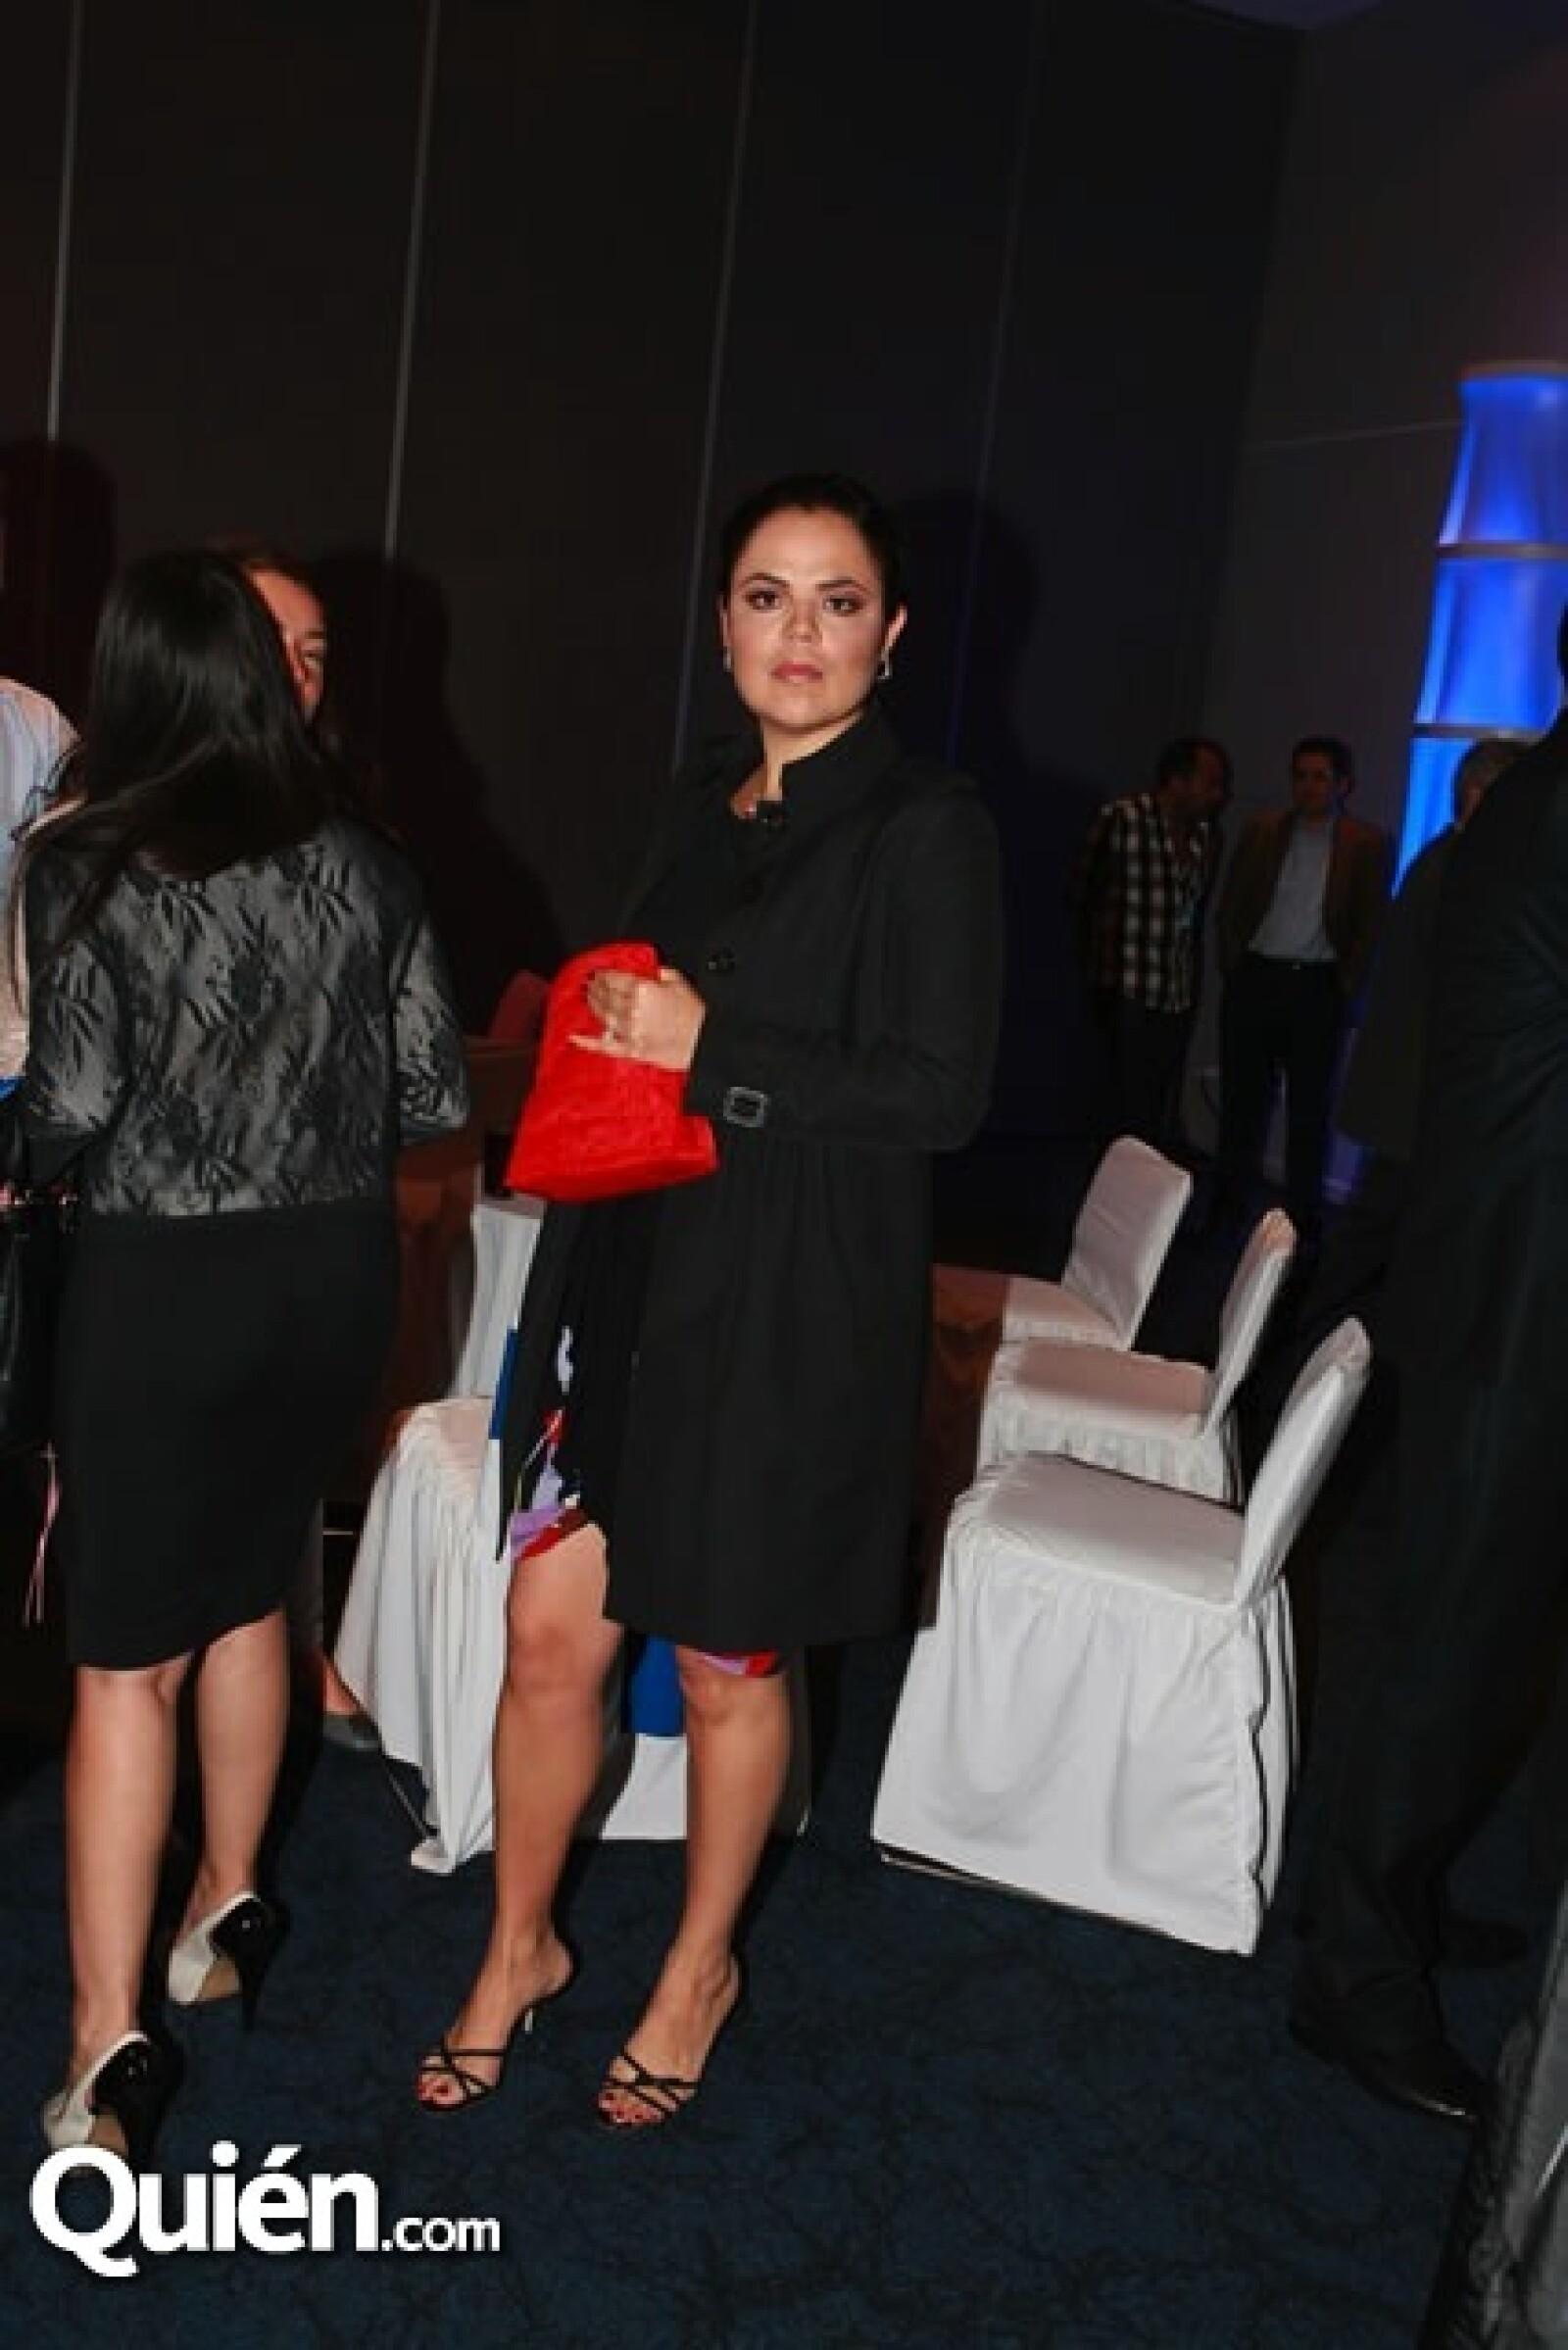 Mariana Gómez del Campo acudió al evento acompañada de su novio, el empresario Eduardo Solórzano.